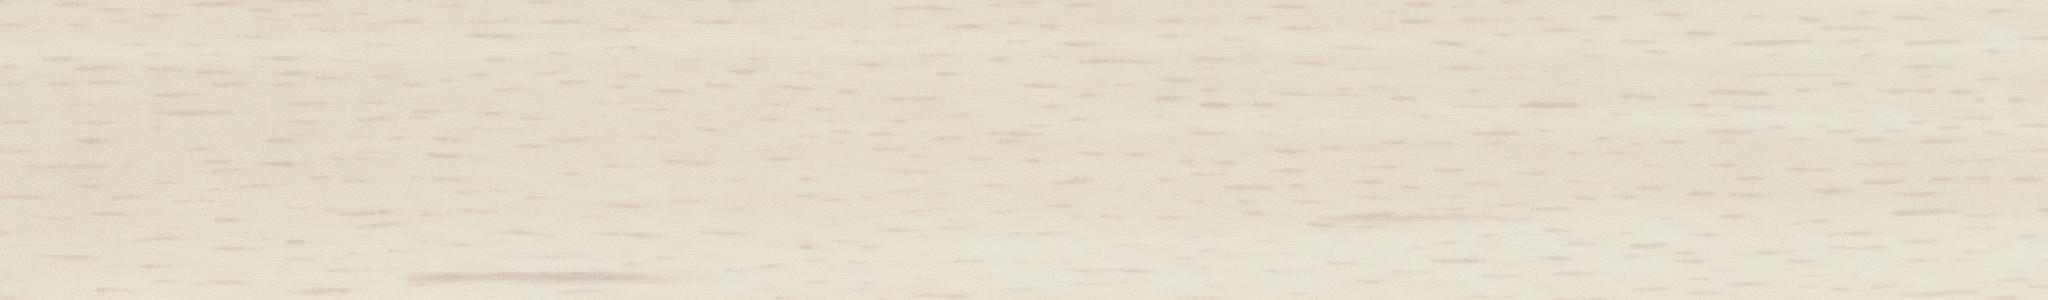 HD 215053 Кромка ABS Бук Талинн Гладкая Мягкая Матовая